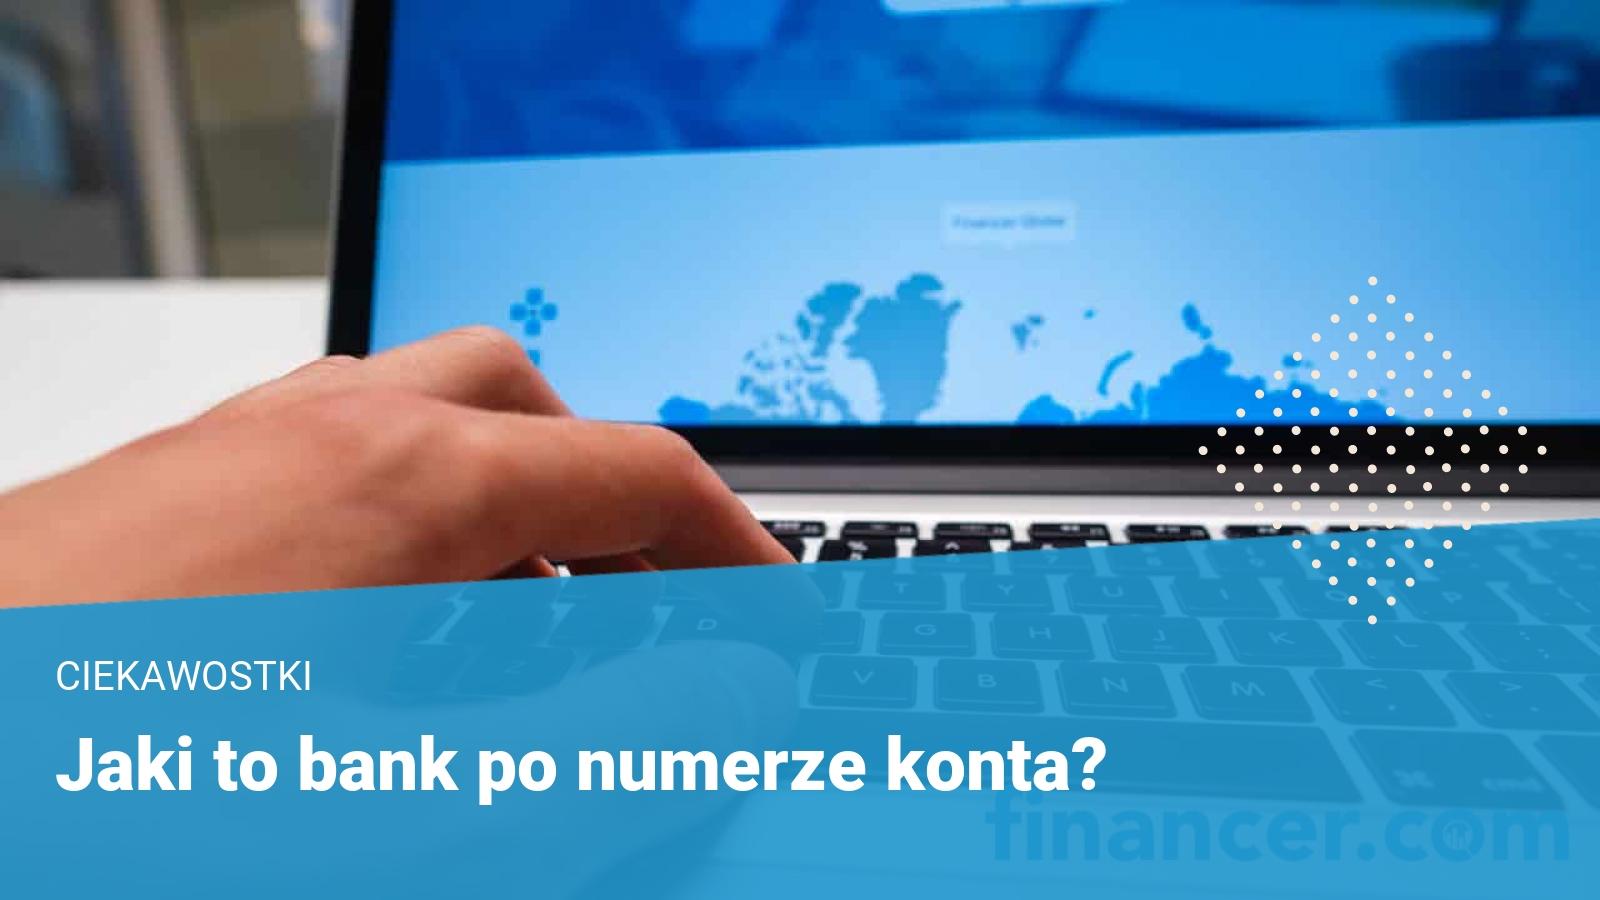 jaki to bank po numerze konta